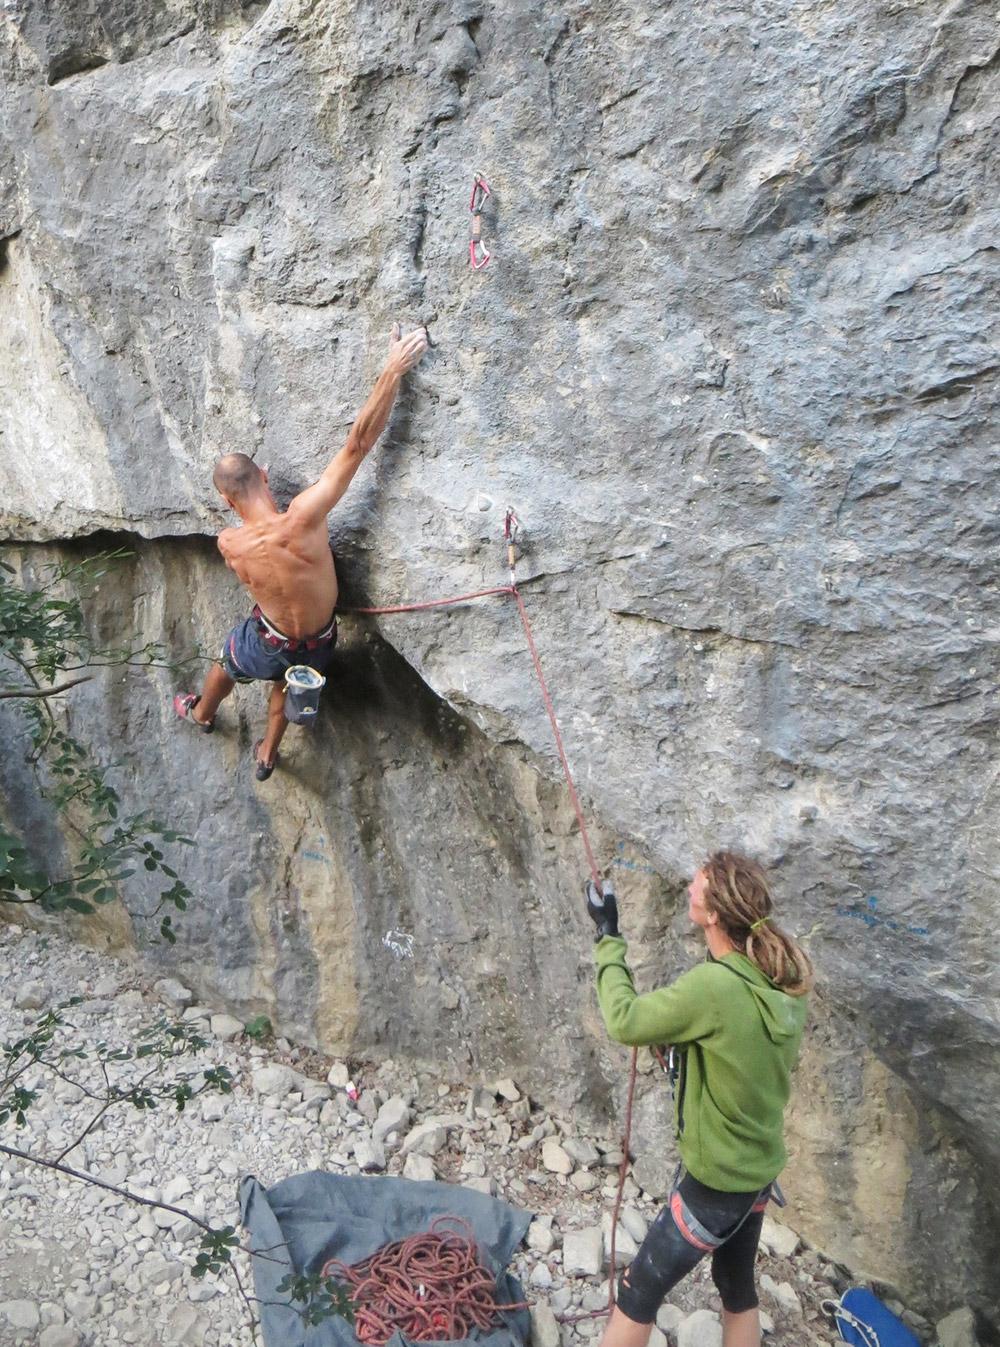 Страхующий контролирует веревку: если слишком натянуть ее, можно сорвать скалолаза, если оставить большую слабину — скалолаз упадет на землю